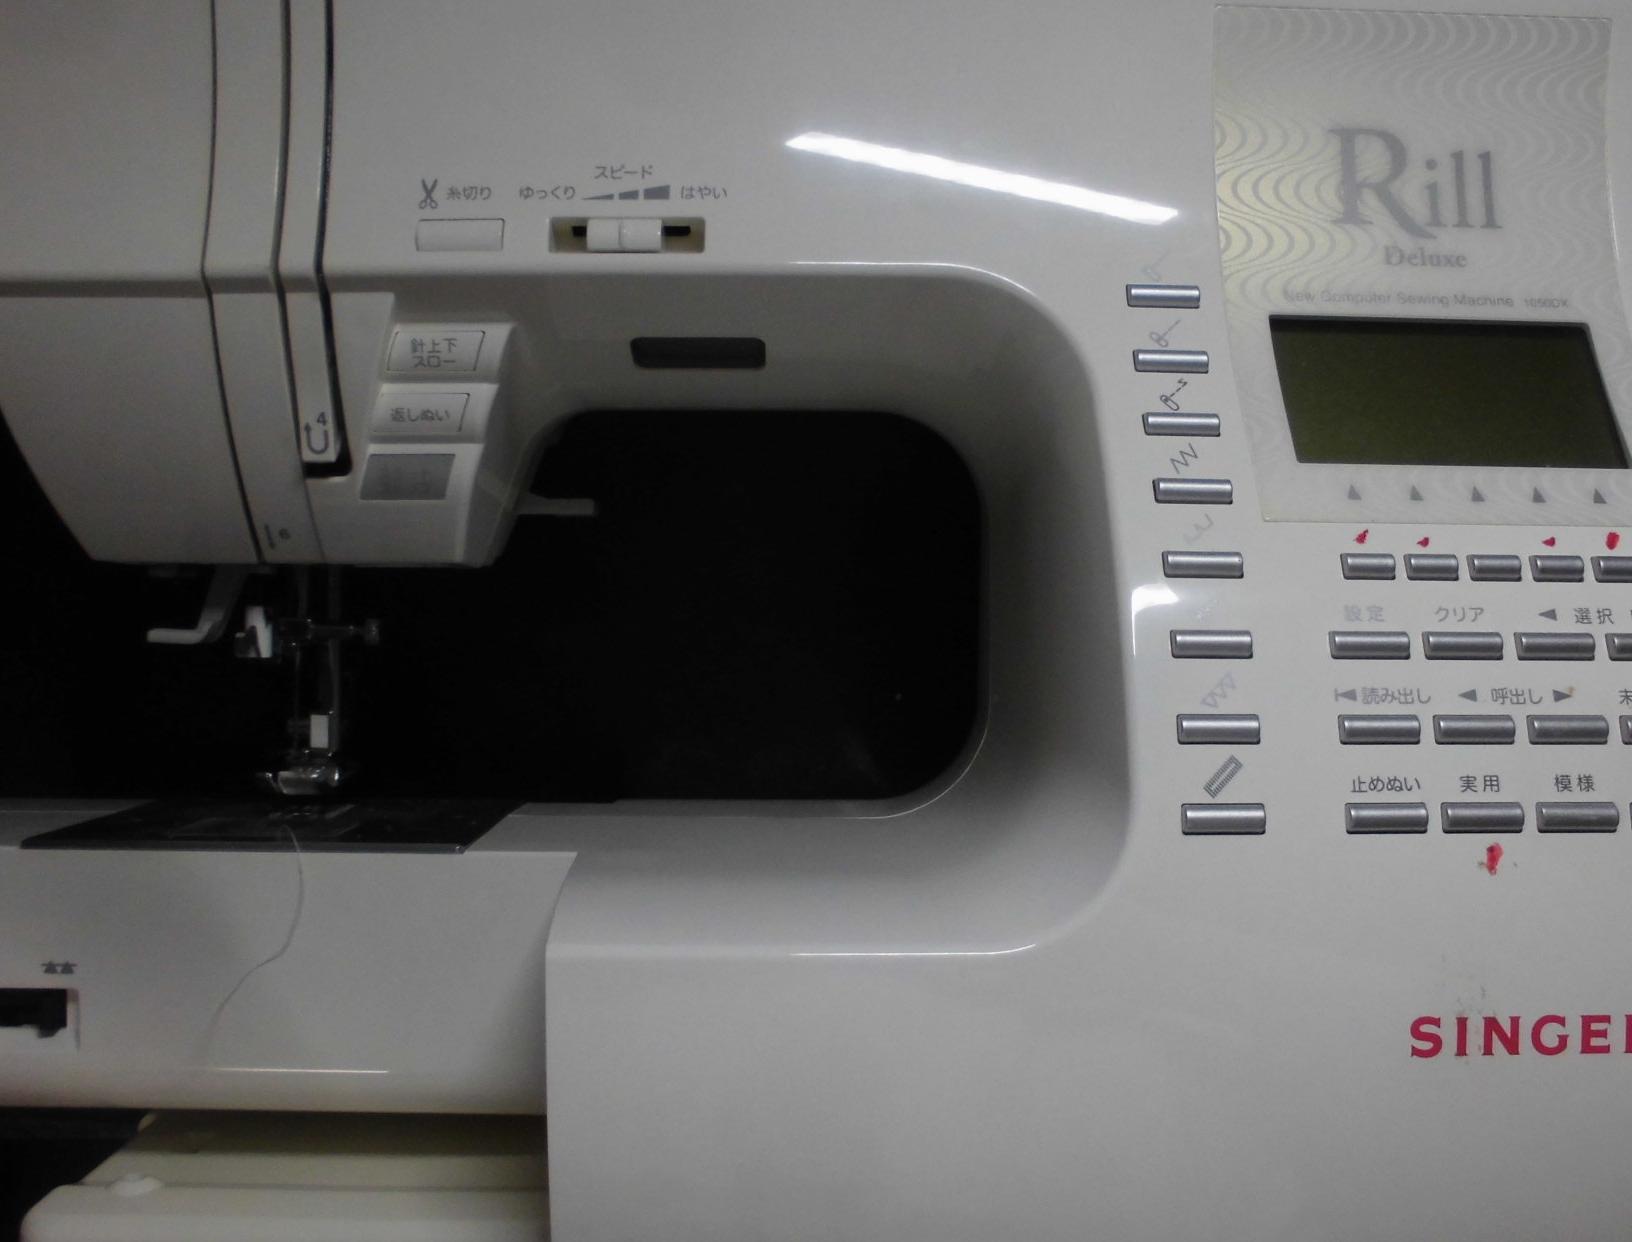 RILL DX|SINGERミシン修理|スタートボタンを押してもミシンが動かない